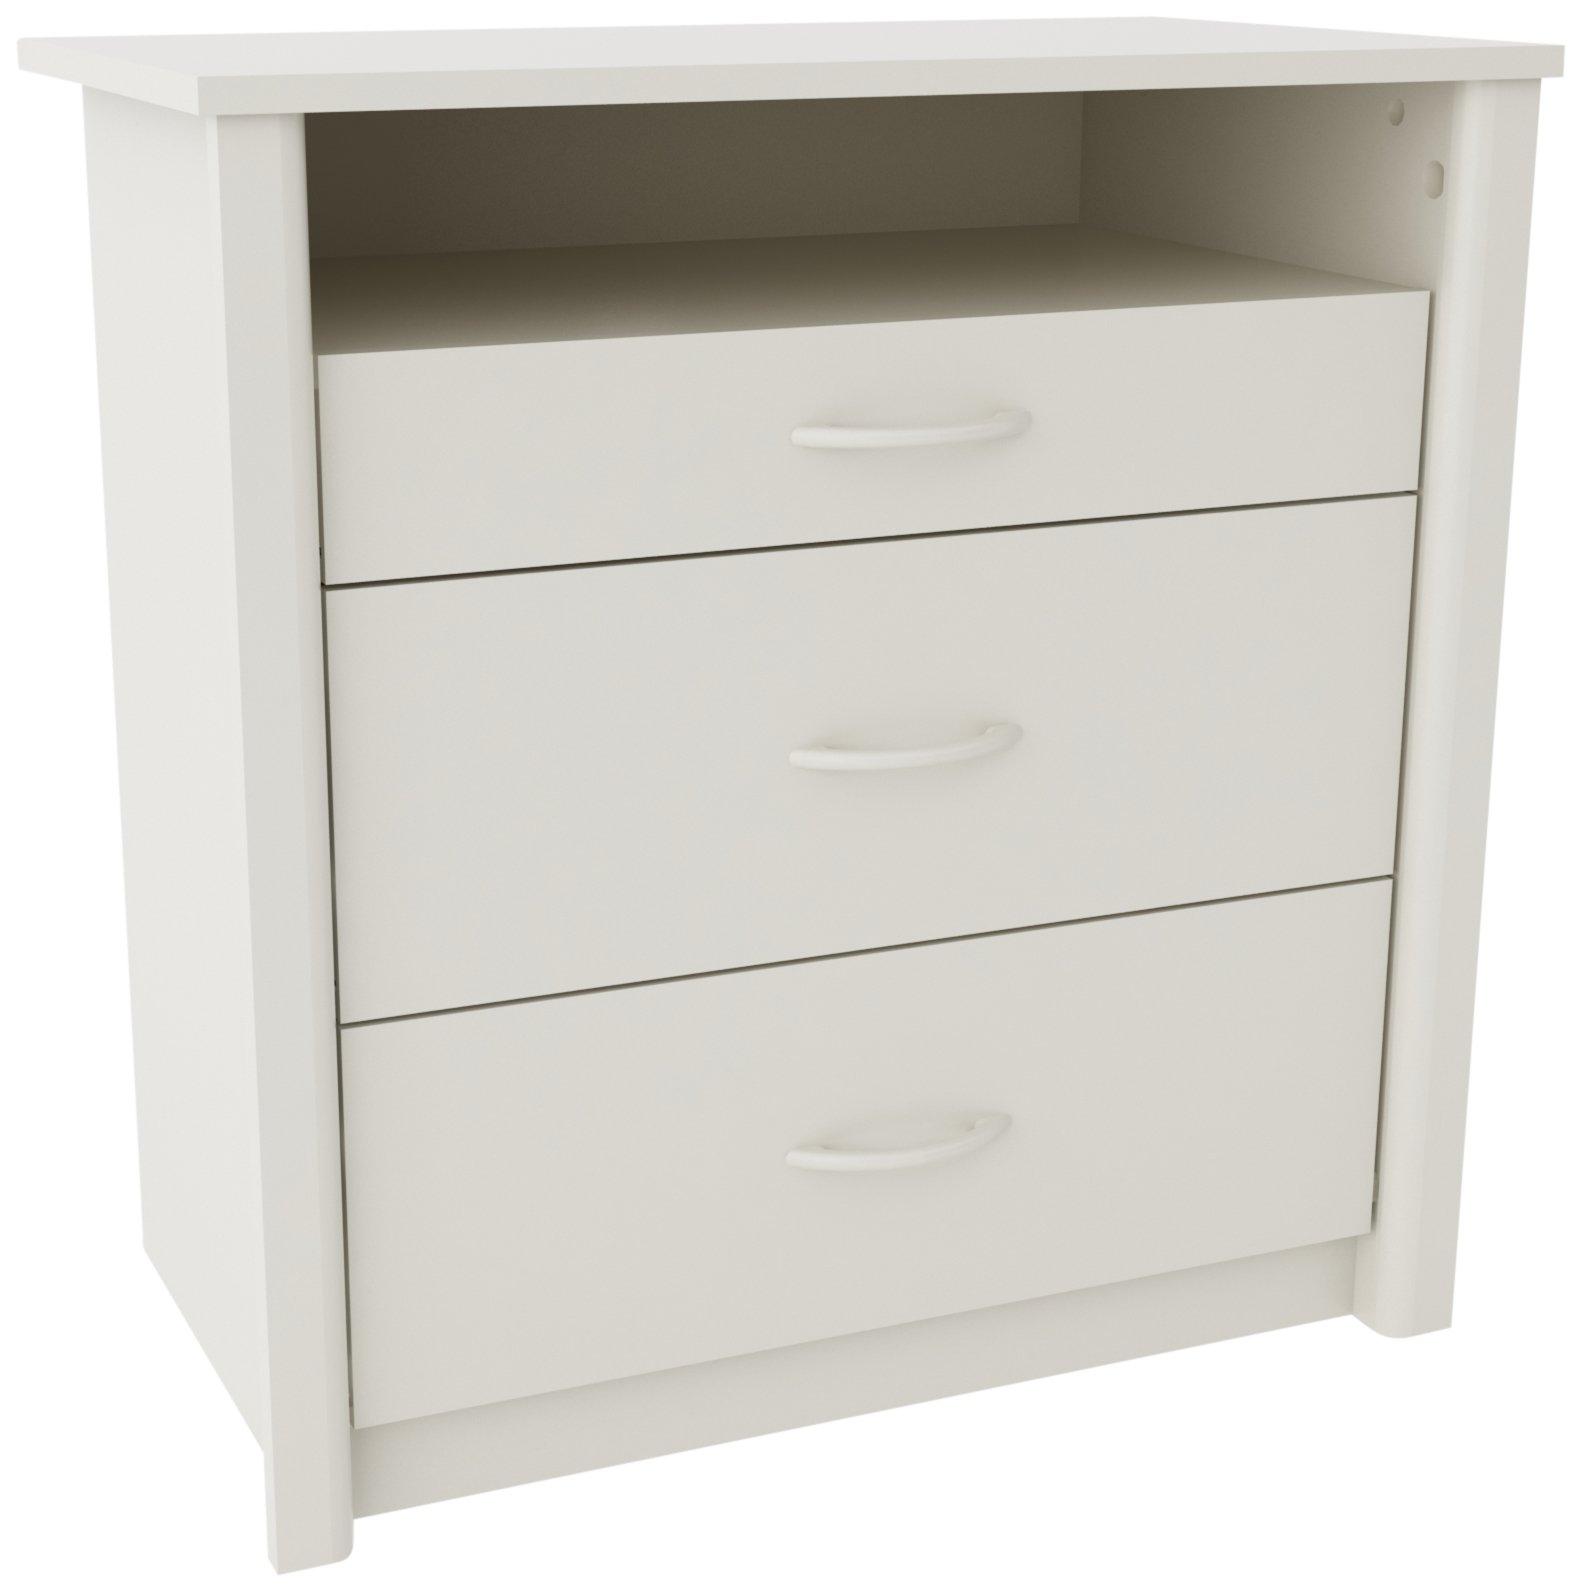 Altra Furniture Ameriwood Home Julian Media Dresser, White